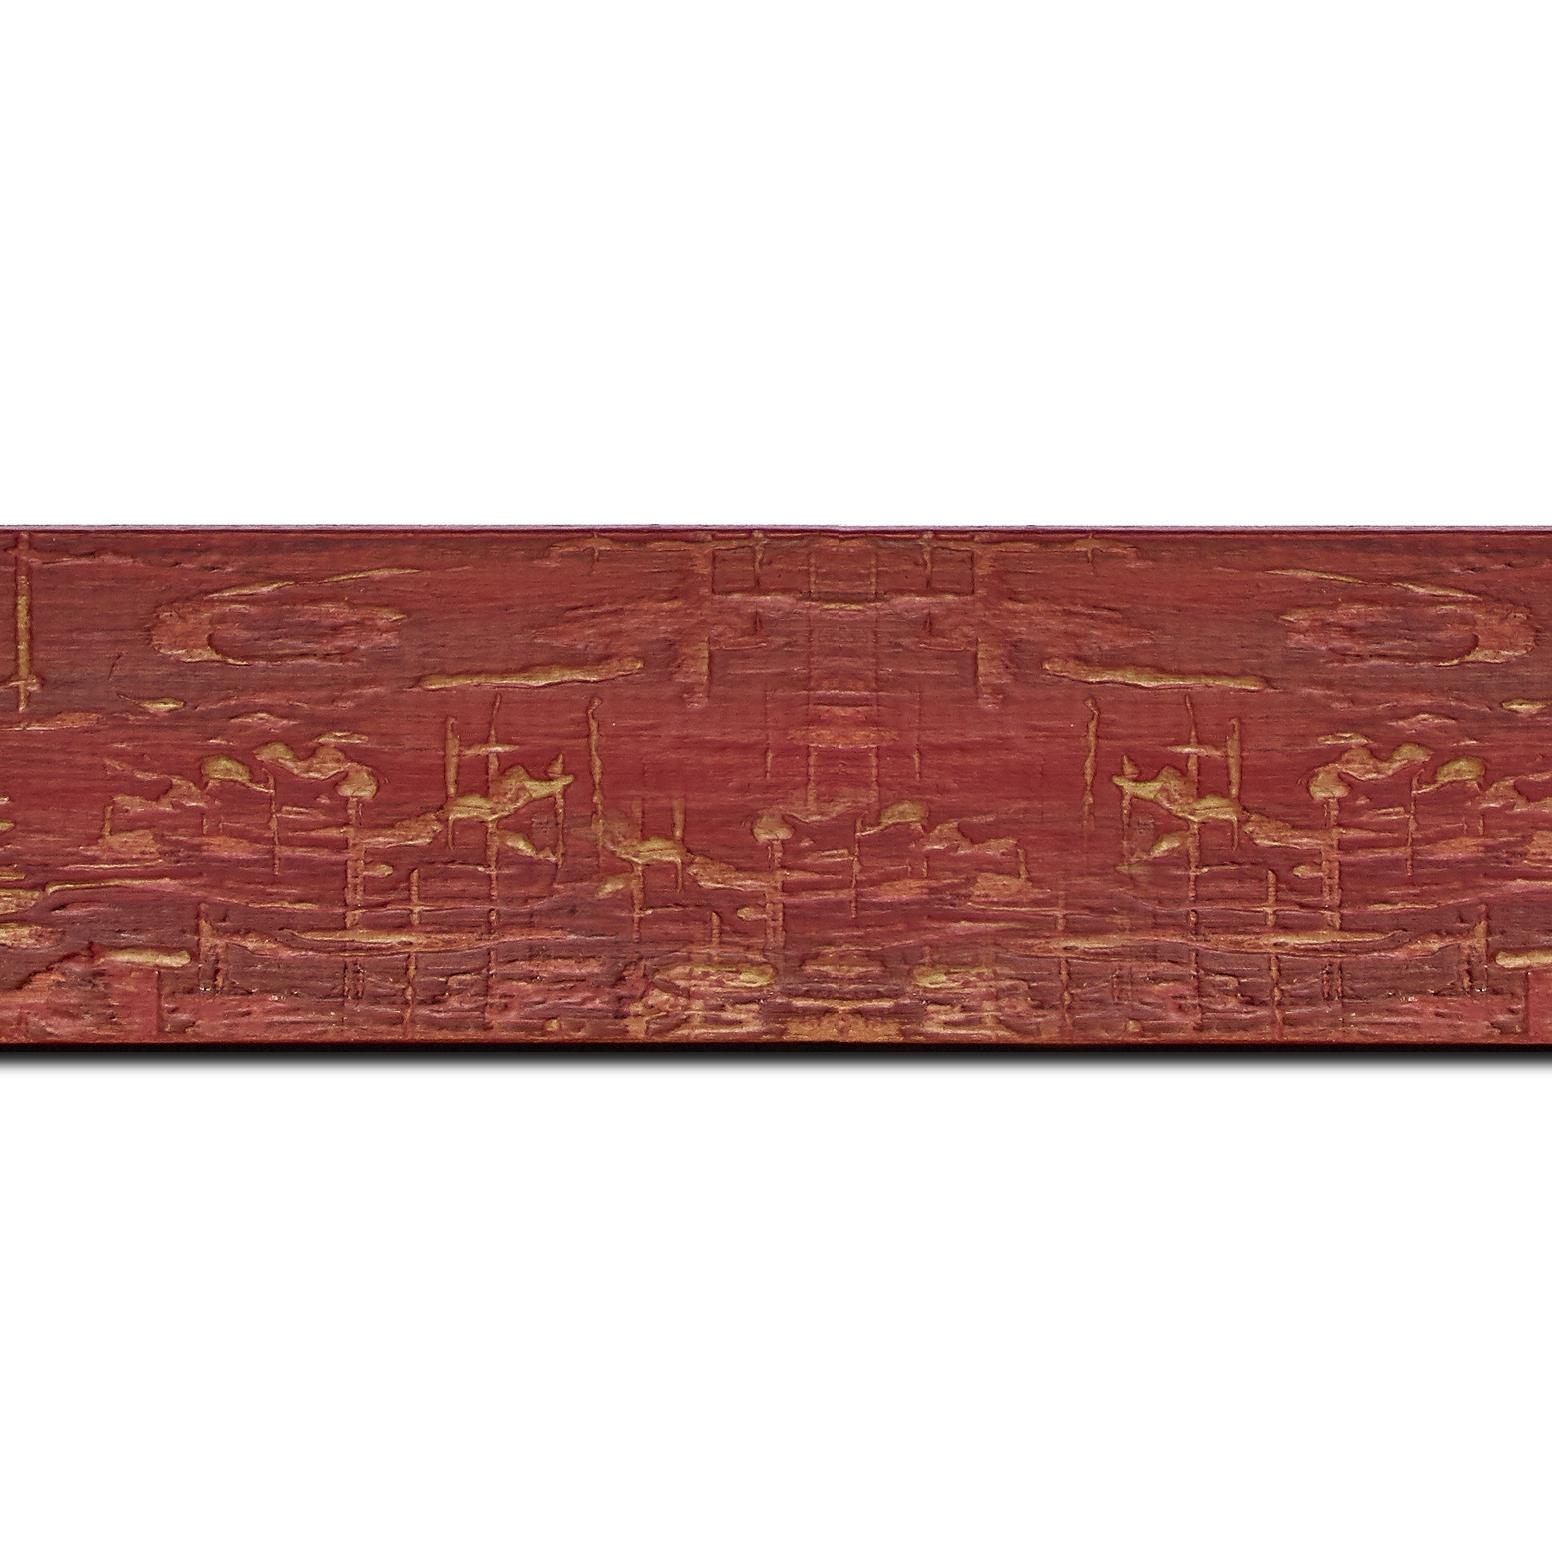 Pack par 12m, bois profil plat largeur 5cm couleur bordeaux finition bois brut aspect palette (longueur baguette pouvant varier entre 2.40m et 3m selon arrivage des bois)